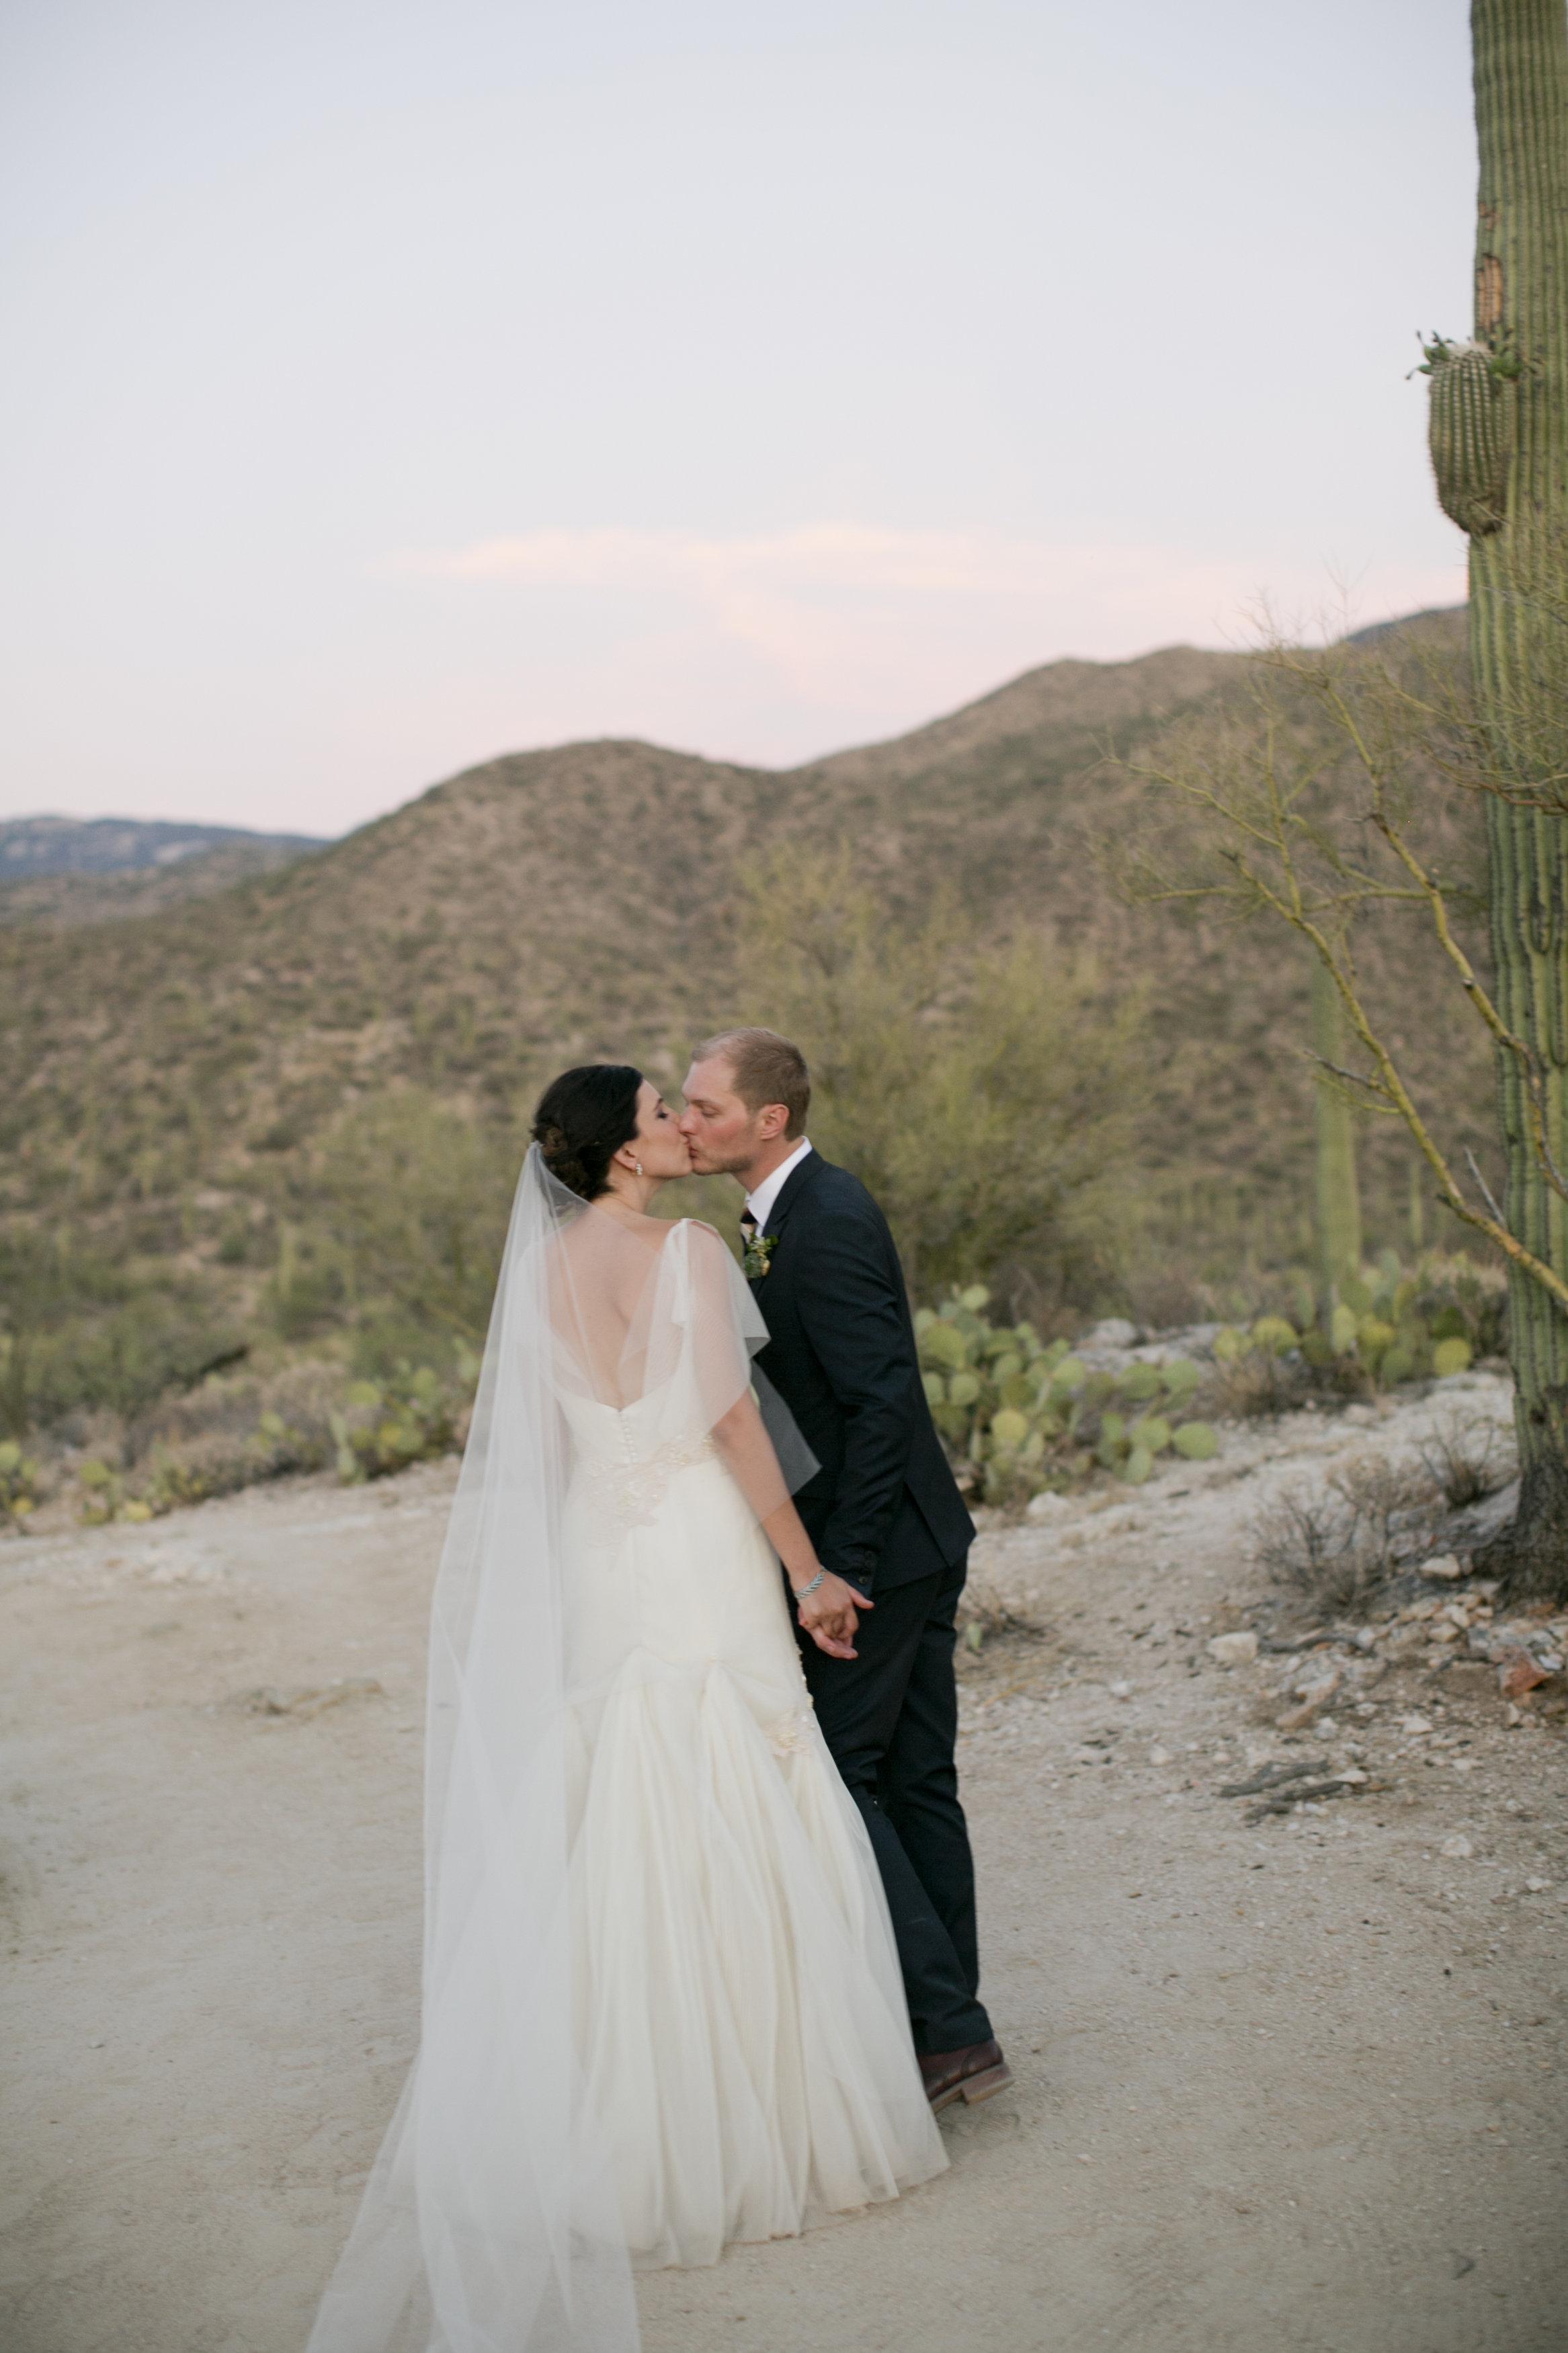 Ceci_New_York_Ceci_Style_Ceci_Johnson_Luxury_Lifestyle_Arizona_Wedding_Watercolor_Inspiration_Design_Custom_Couture_Personalized_Invitations_168.jpg